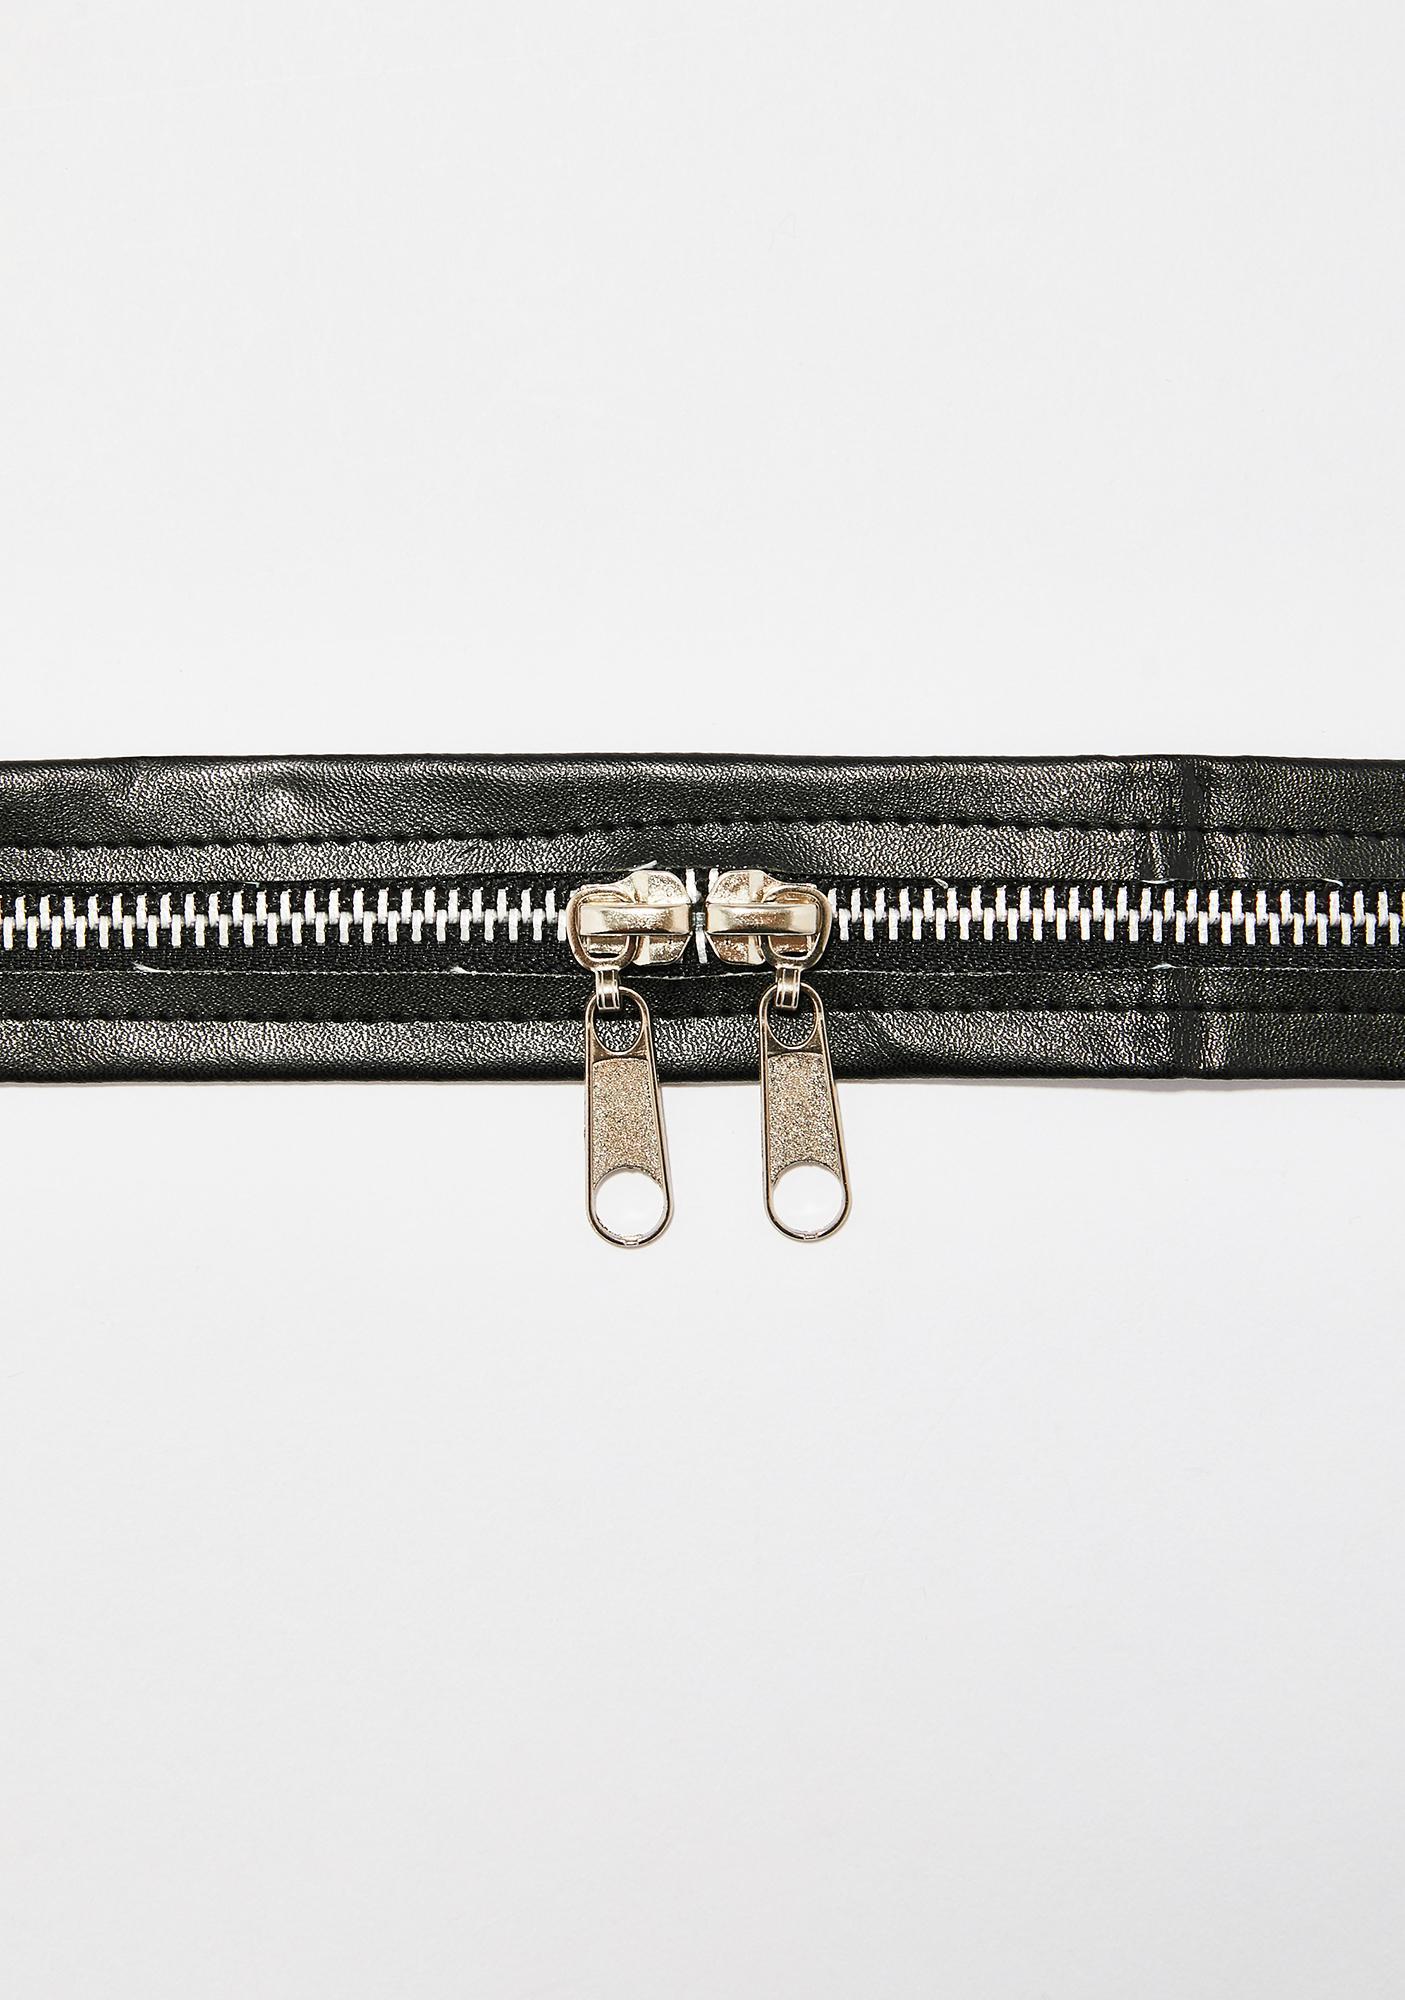 Case Closed Zipper Choker